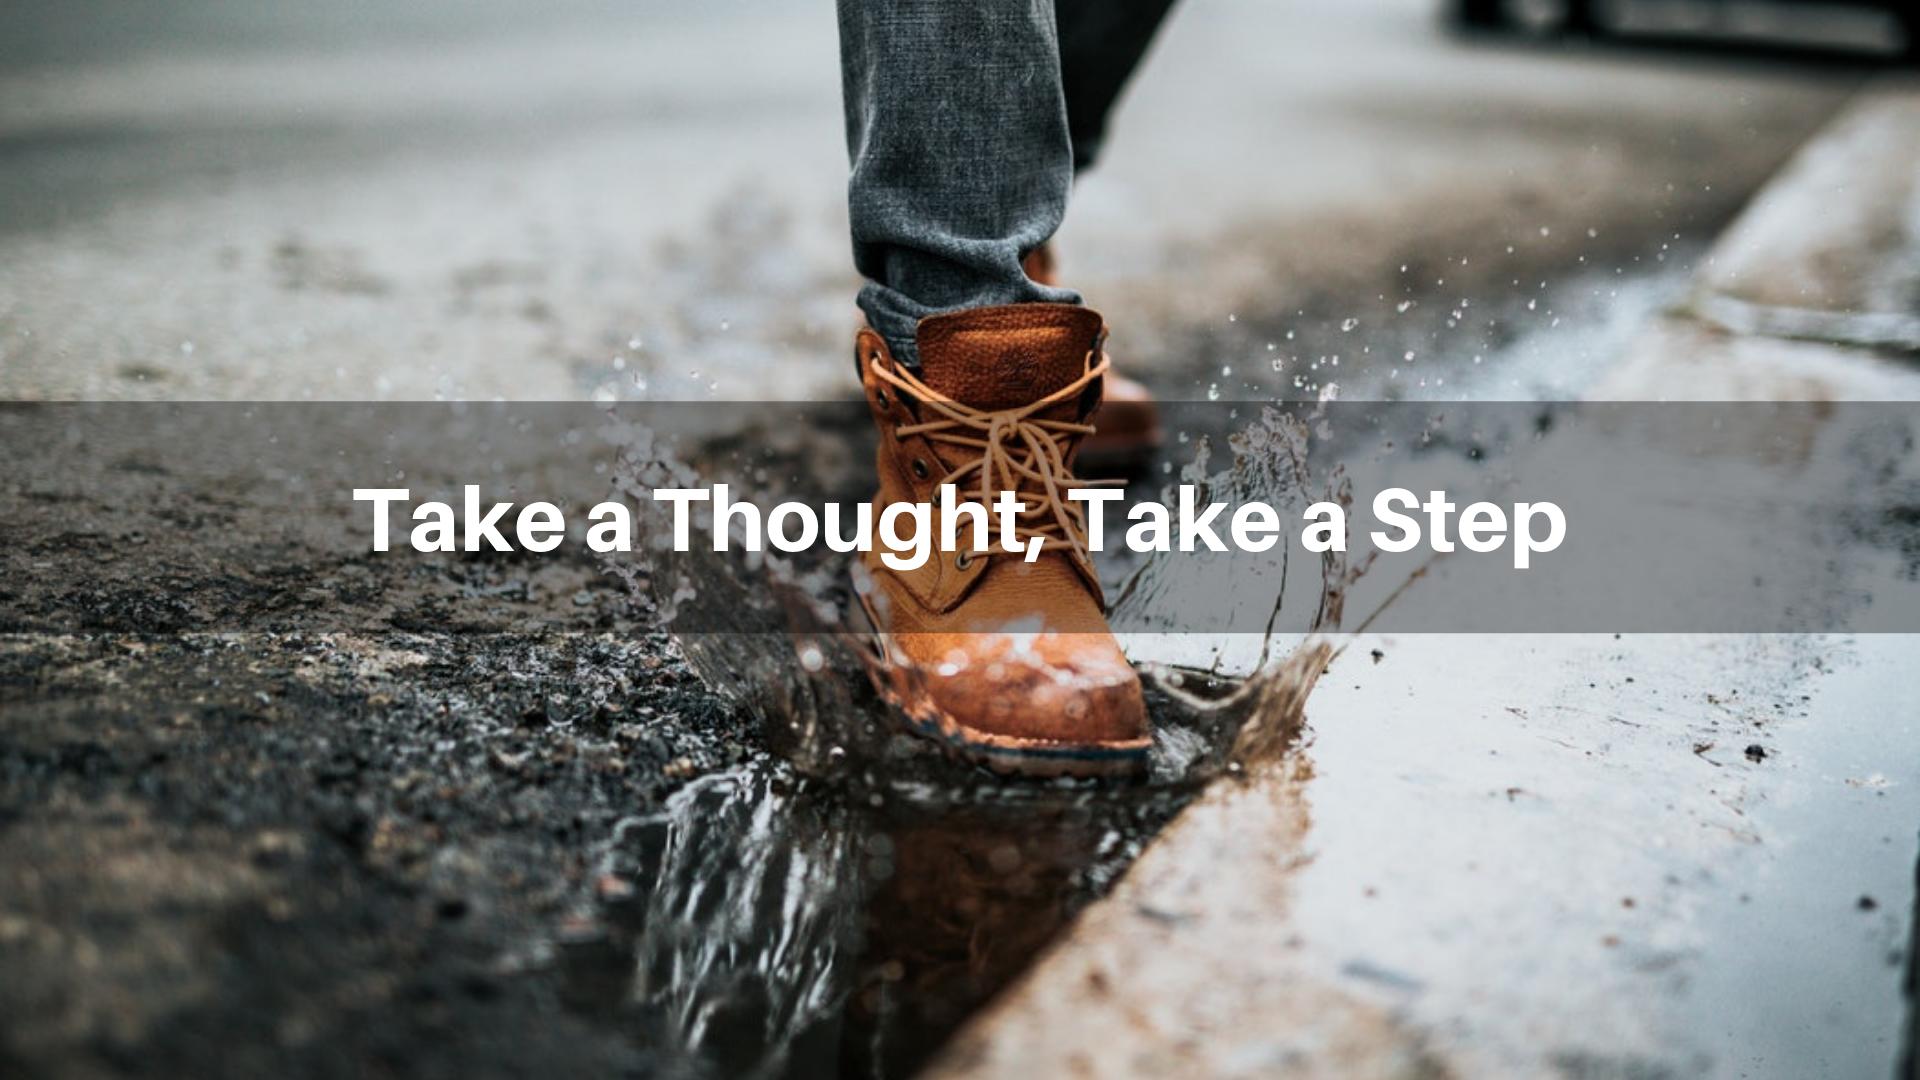 Take a Thought, Take a Step - 12/23/18